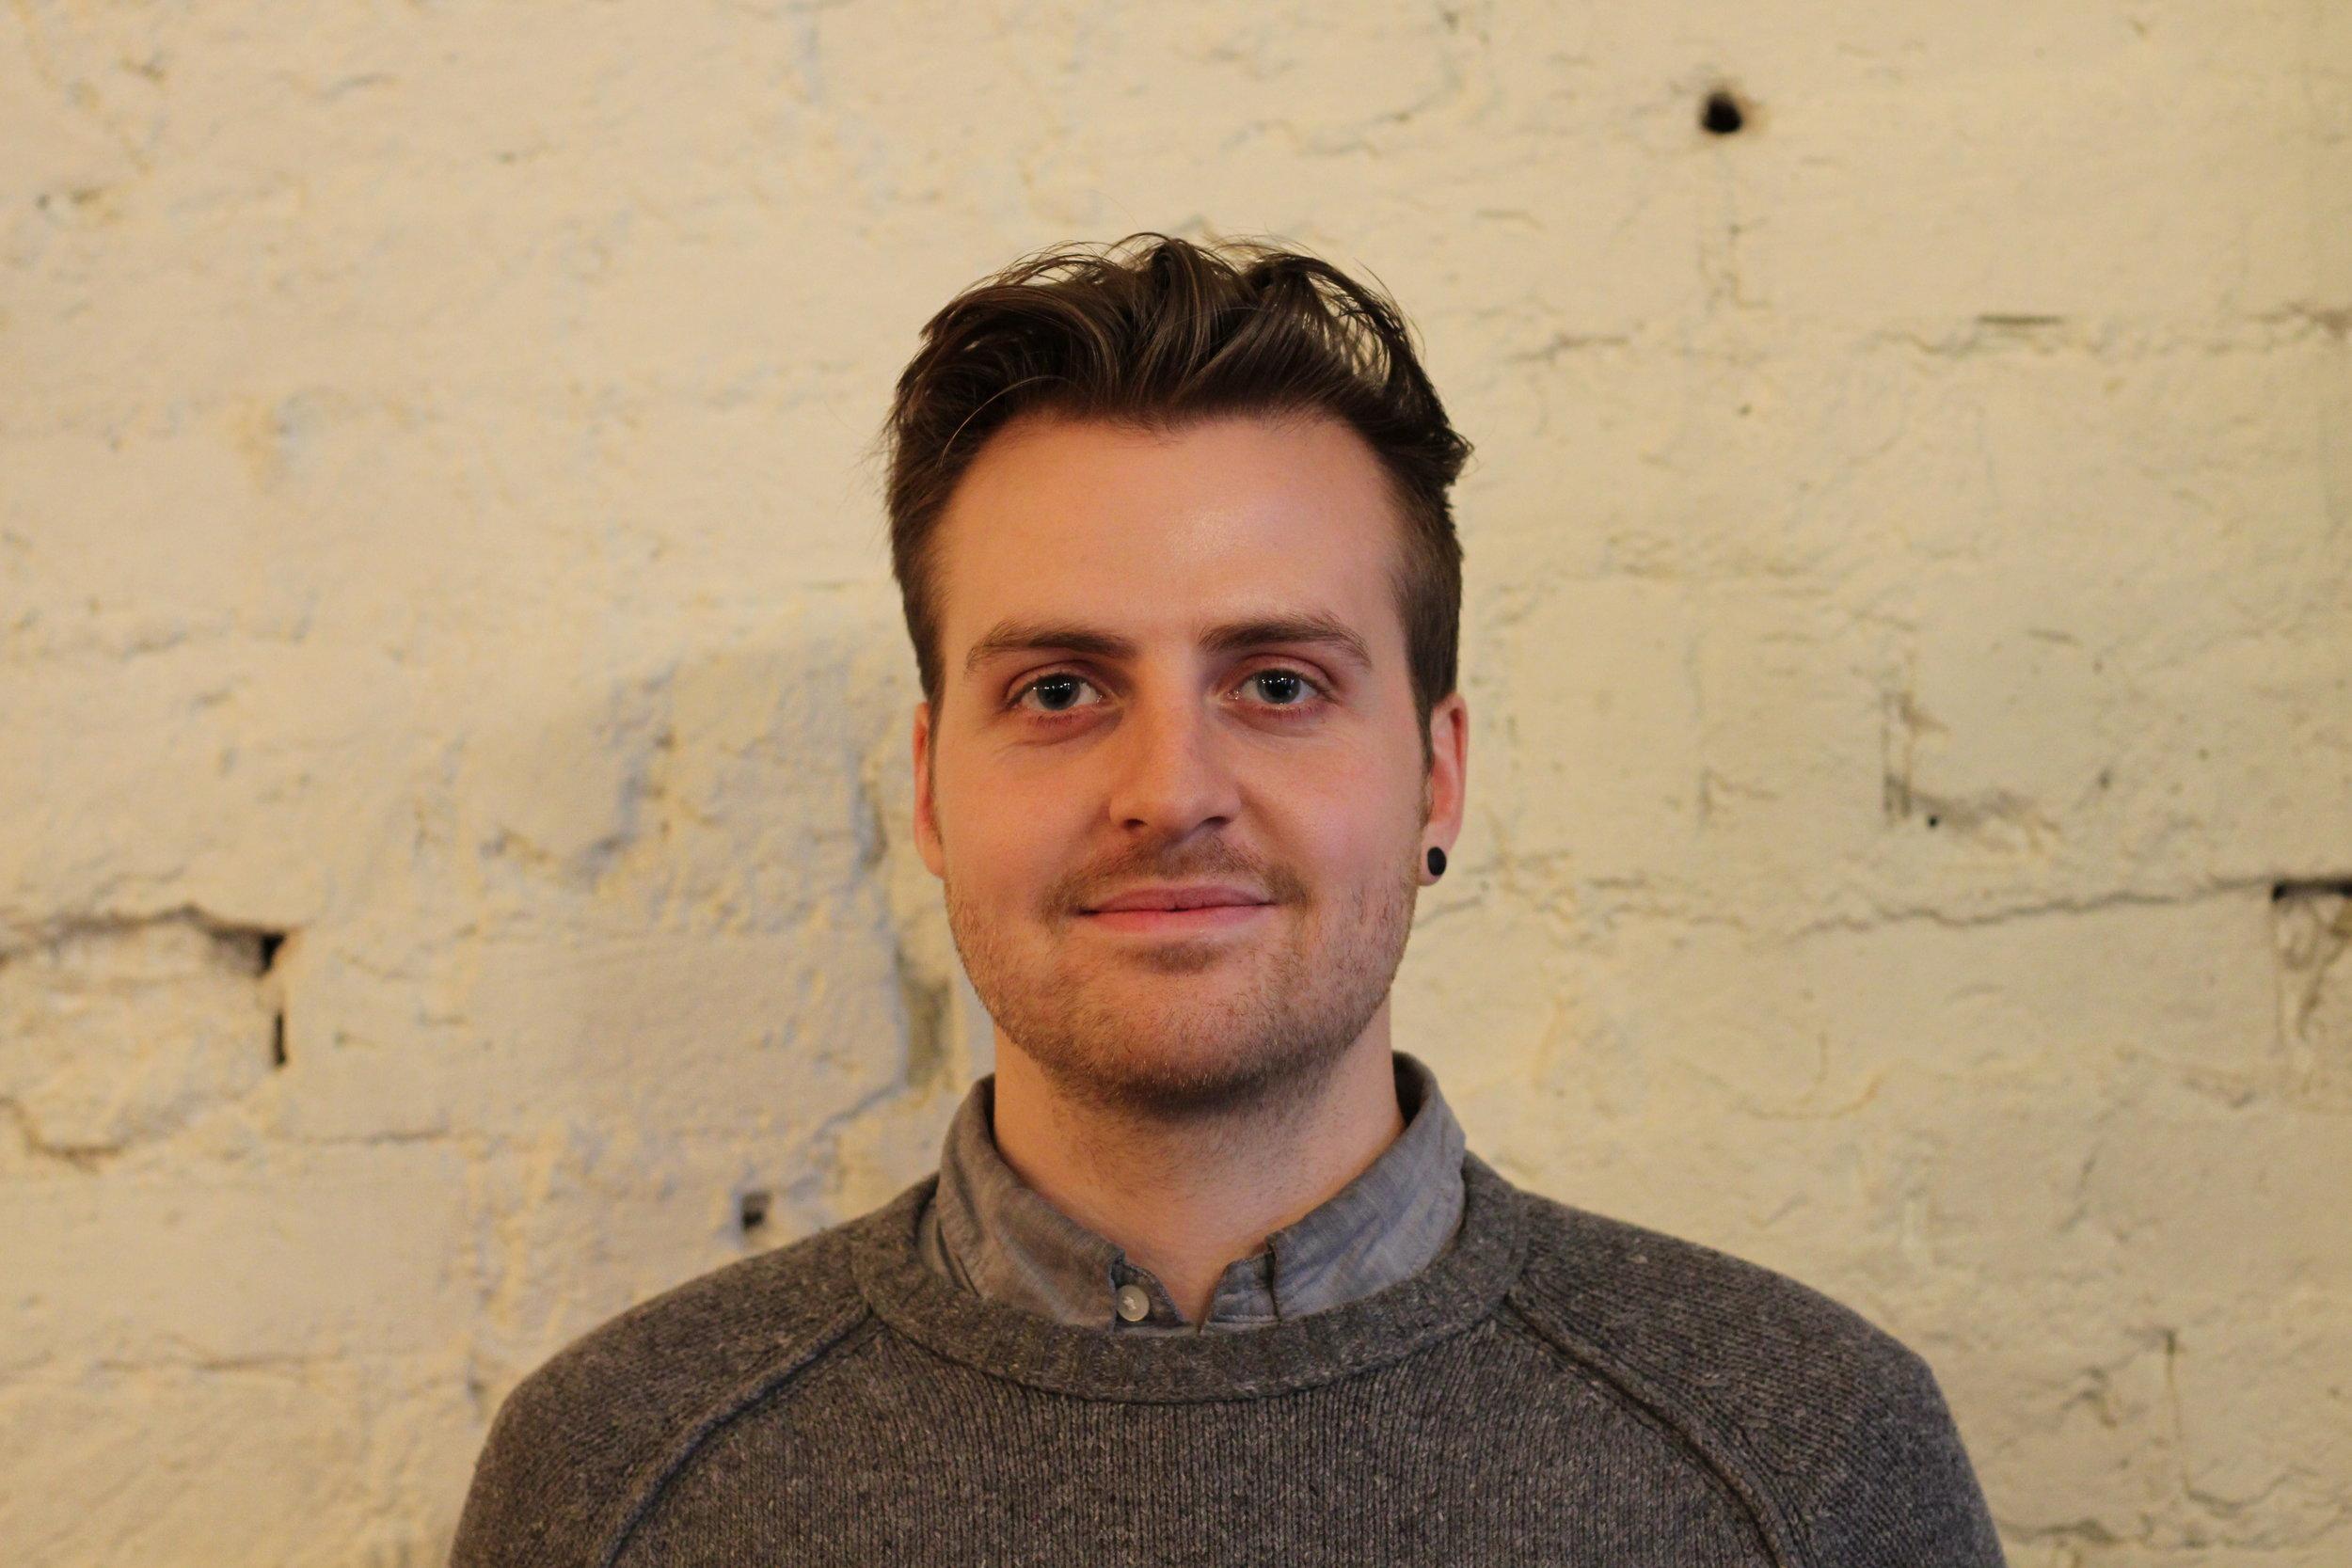 James Cooke